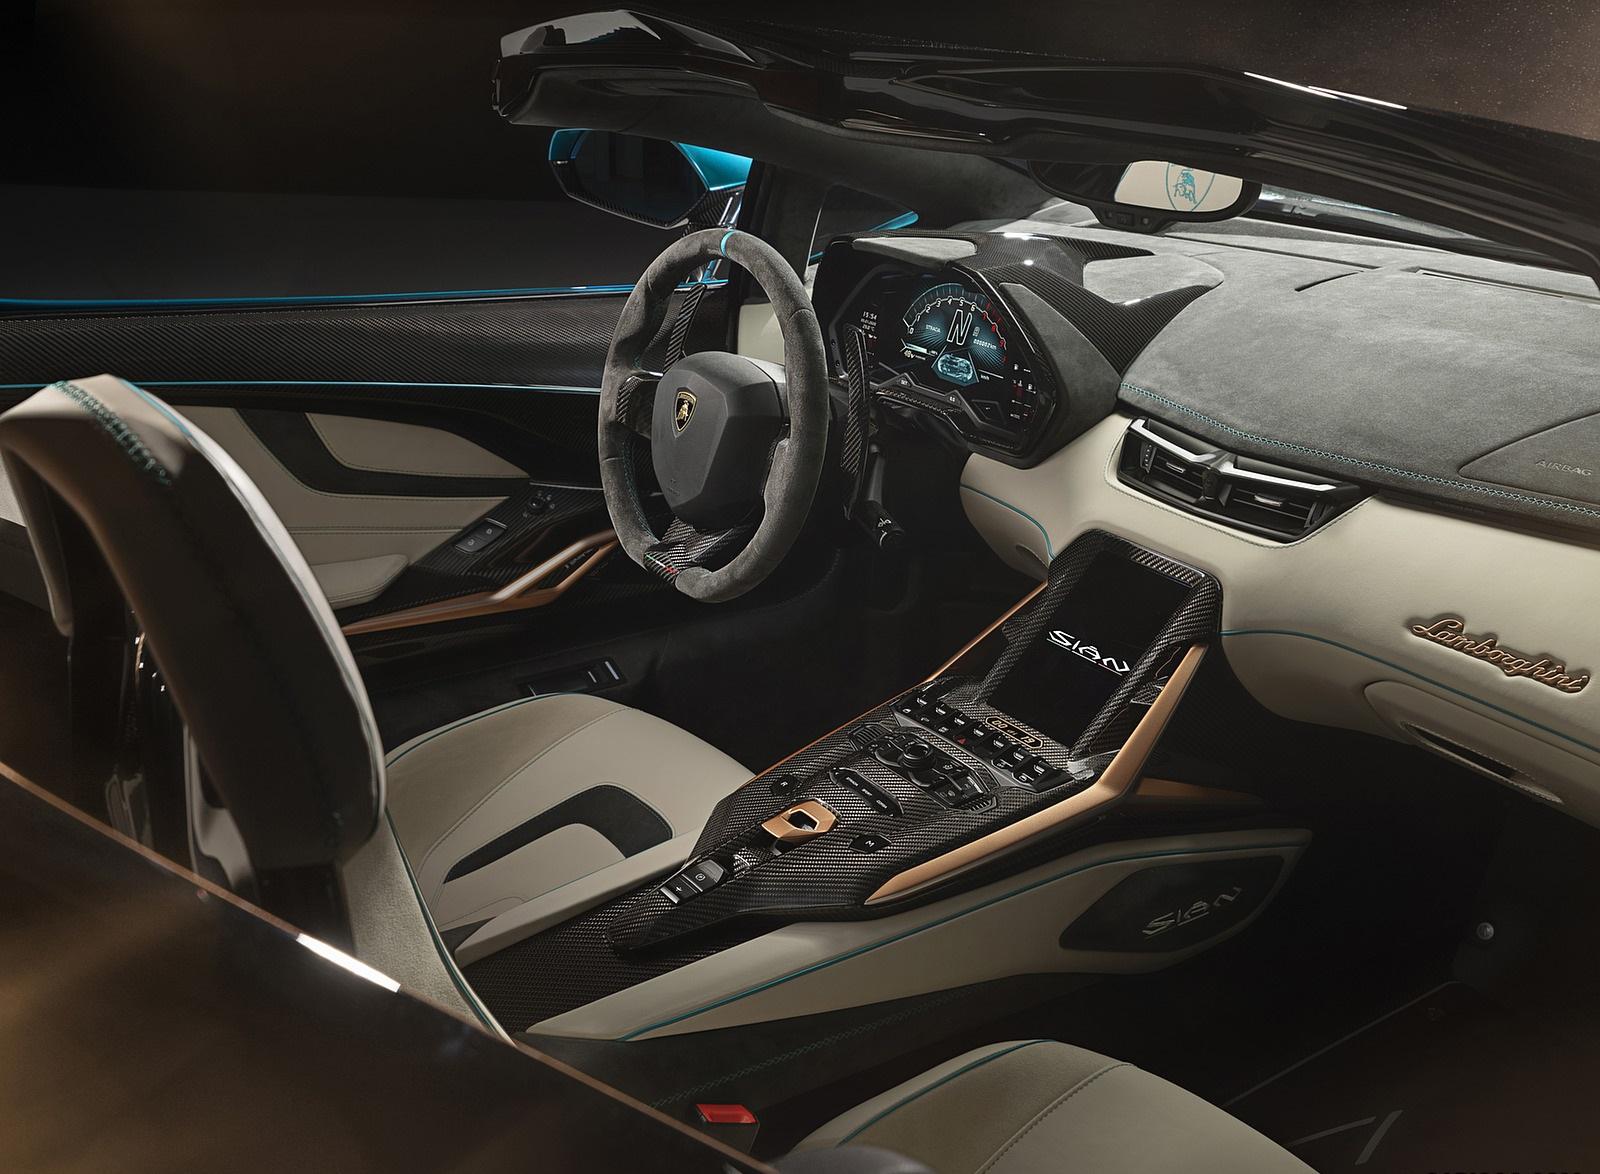 2021 Lamborghini Sián Roadster Interior Wallpapers #19 of 19